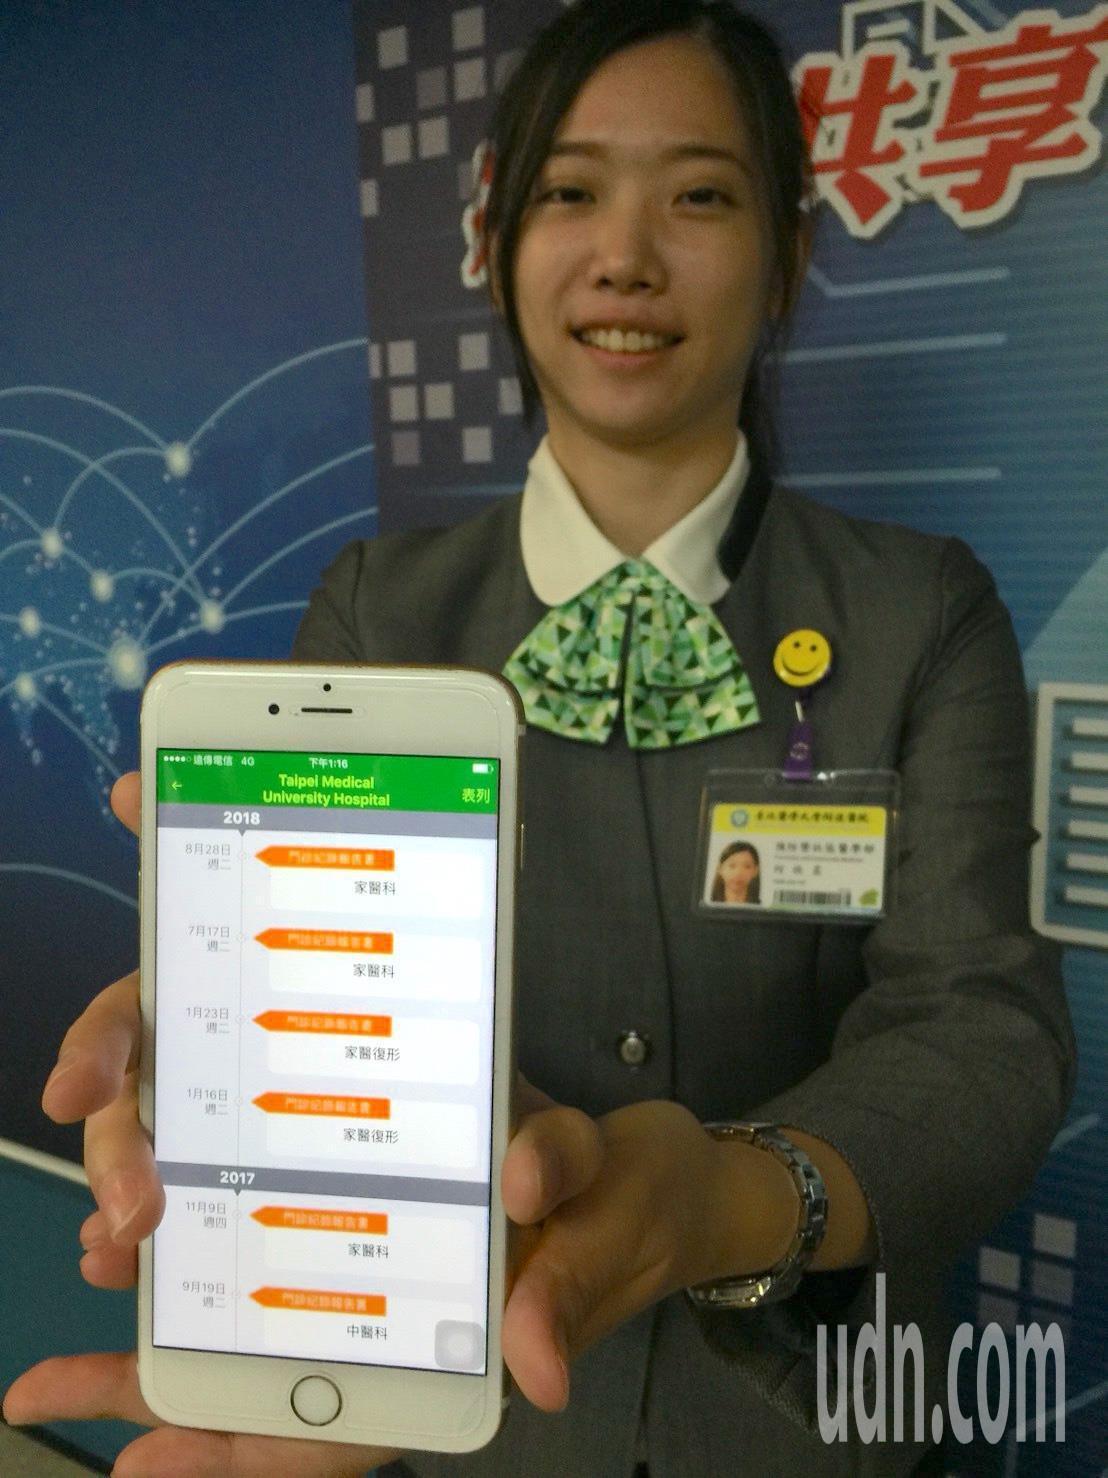 台北醫學大學附設醫院成功結合區塊鏈技術,讓患者能把病歷存放手機帶著走。記者陳雨鑫...